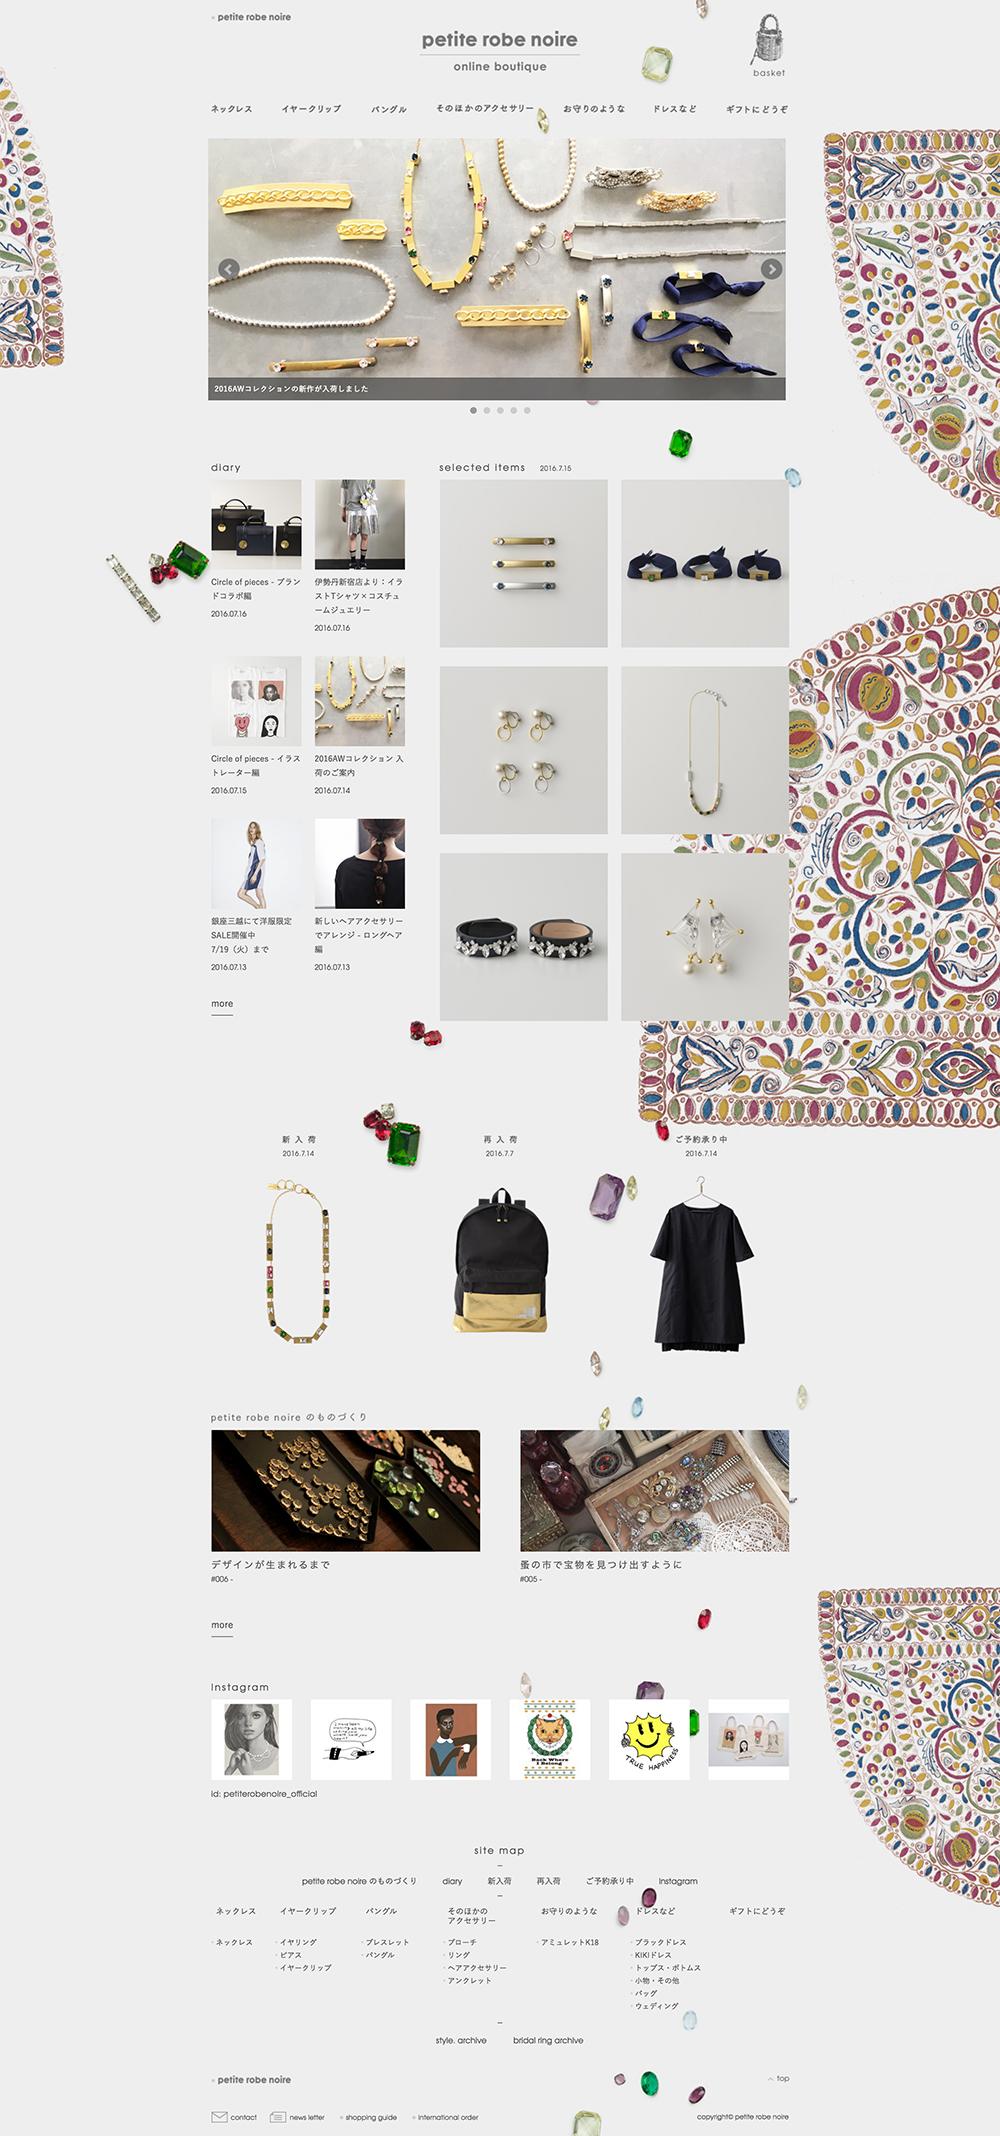 petite robe noire online boutique